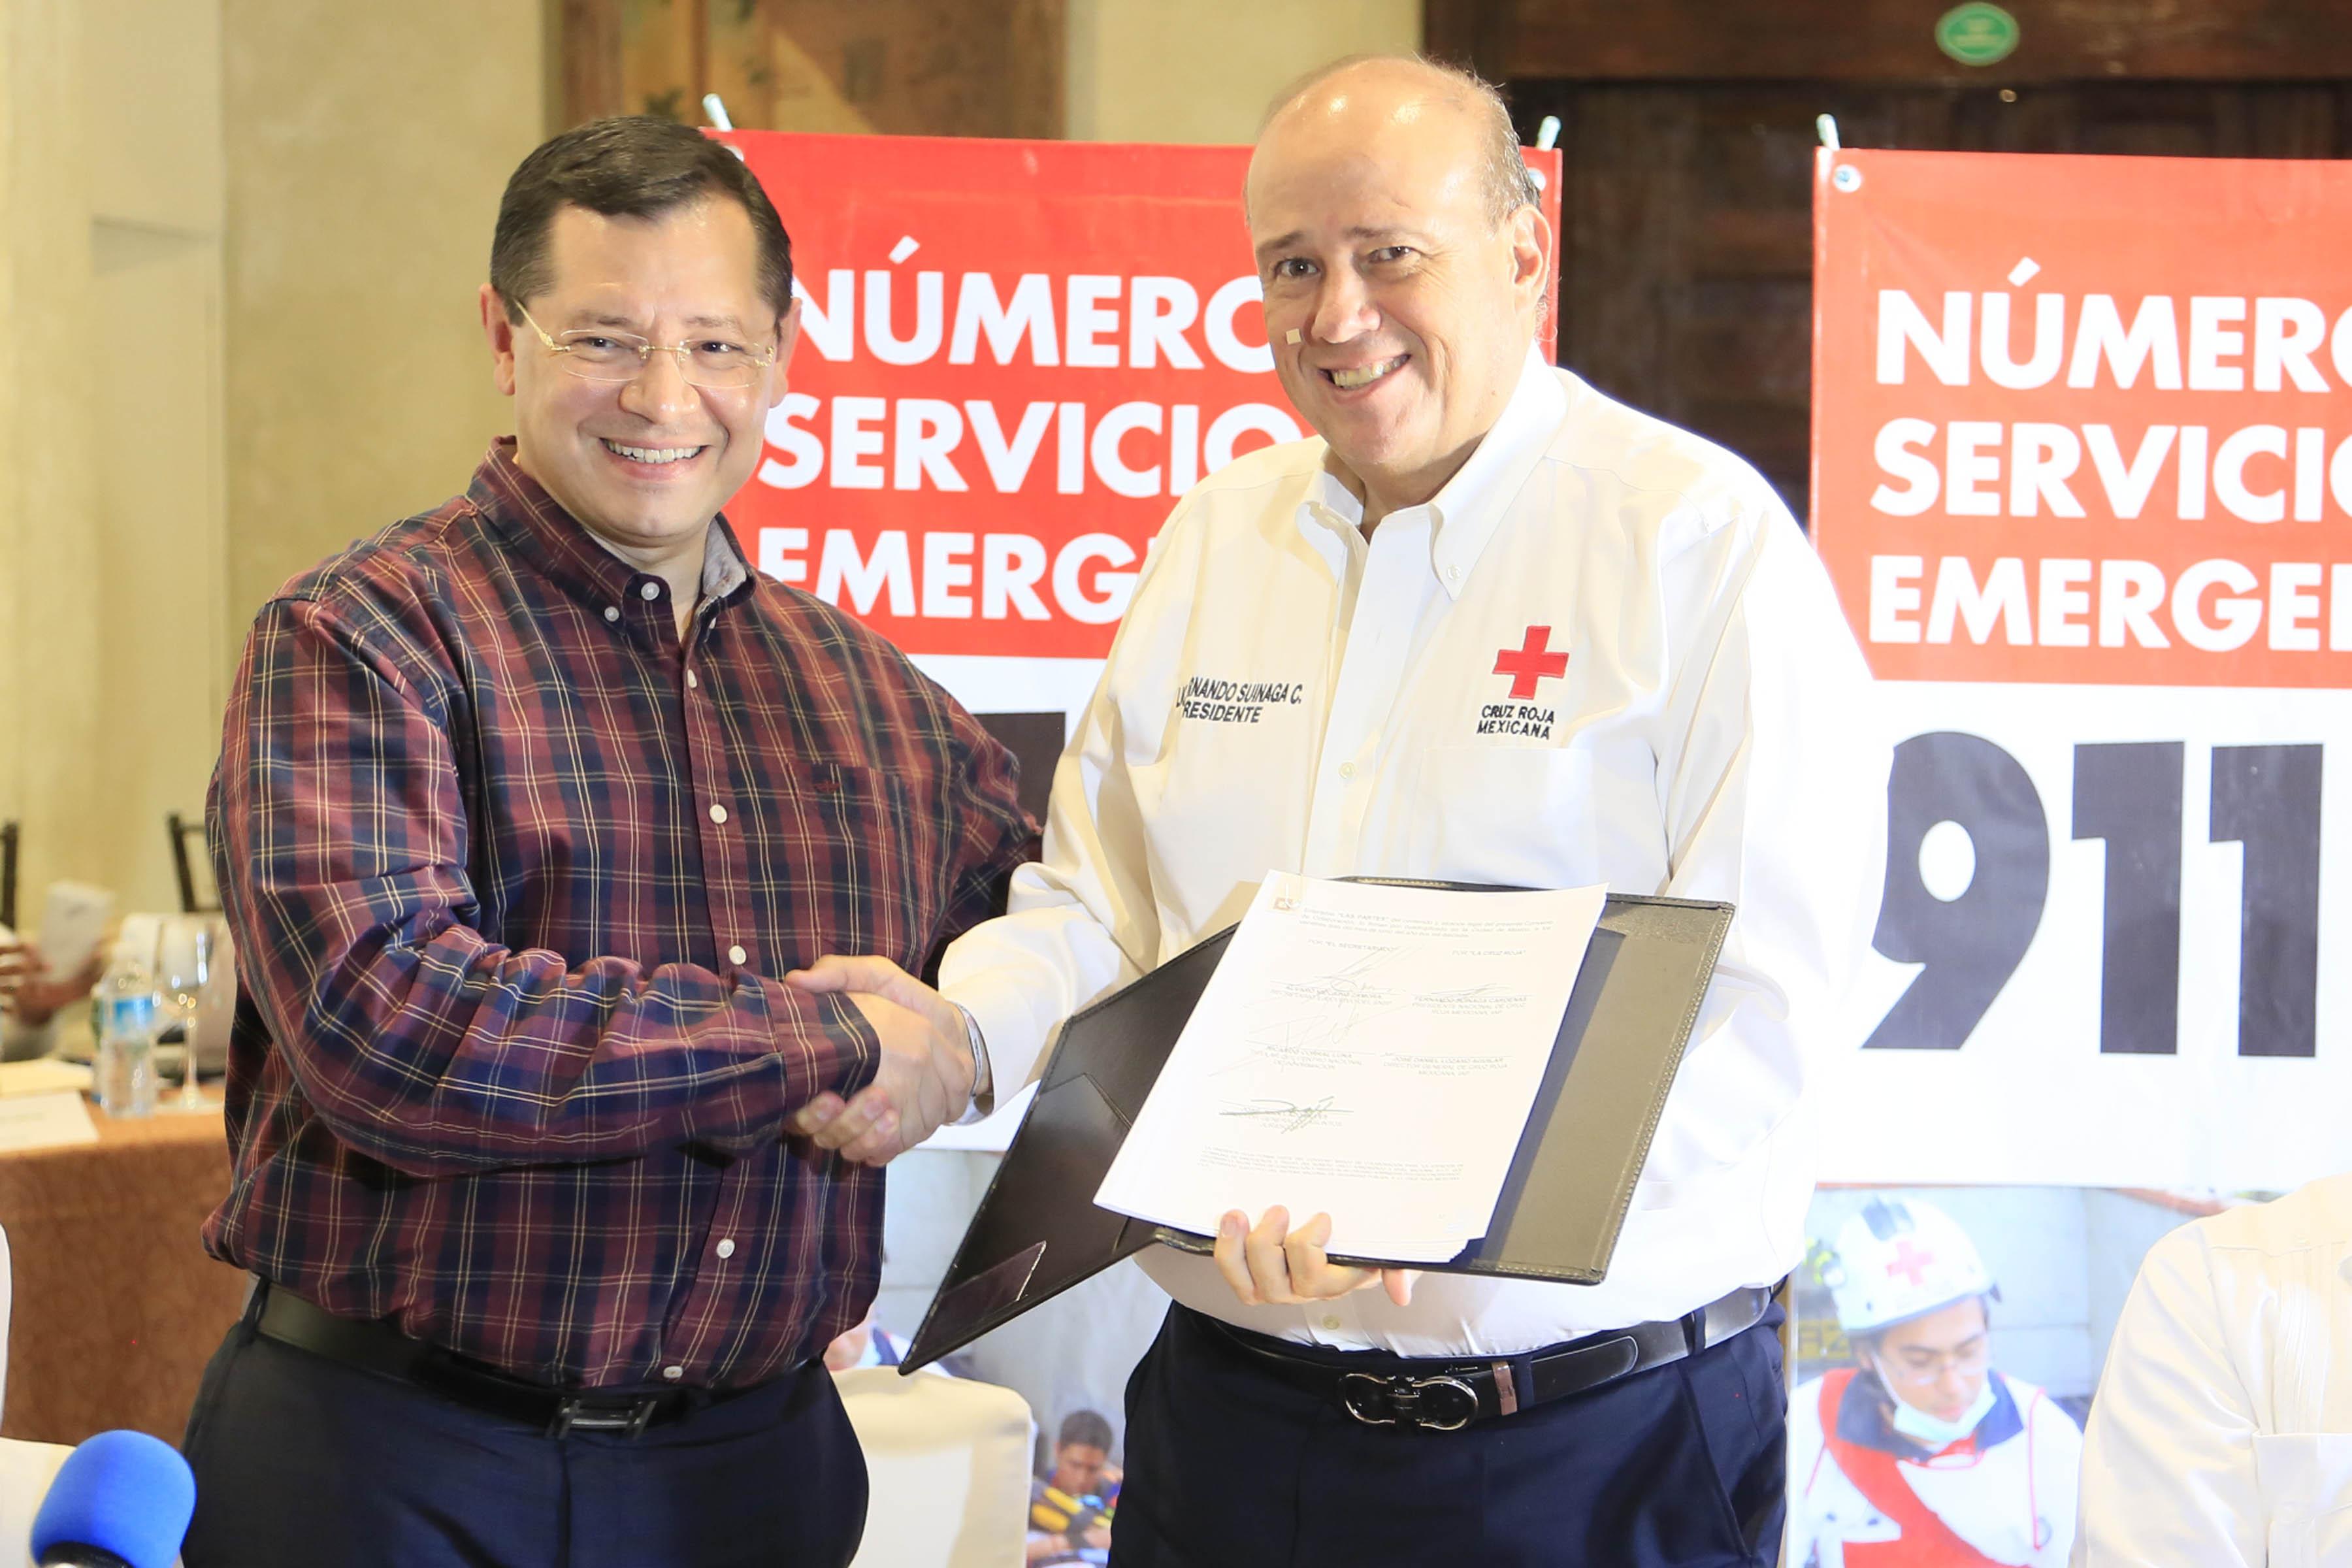 El SESNSP y la Cruz Roja Mexicana mejorarán protocolos de recepción de llamadas y la capacitación del personal para otorgar primeros auxilios a través del 9-1-1